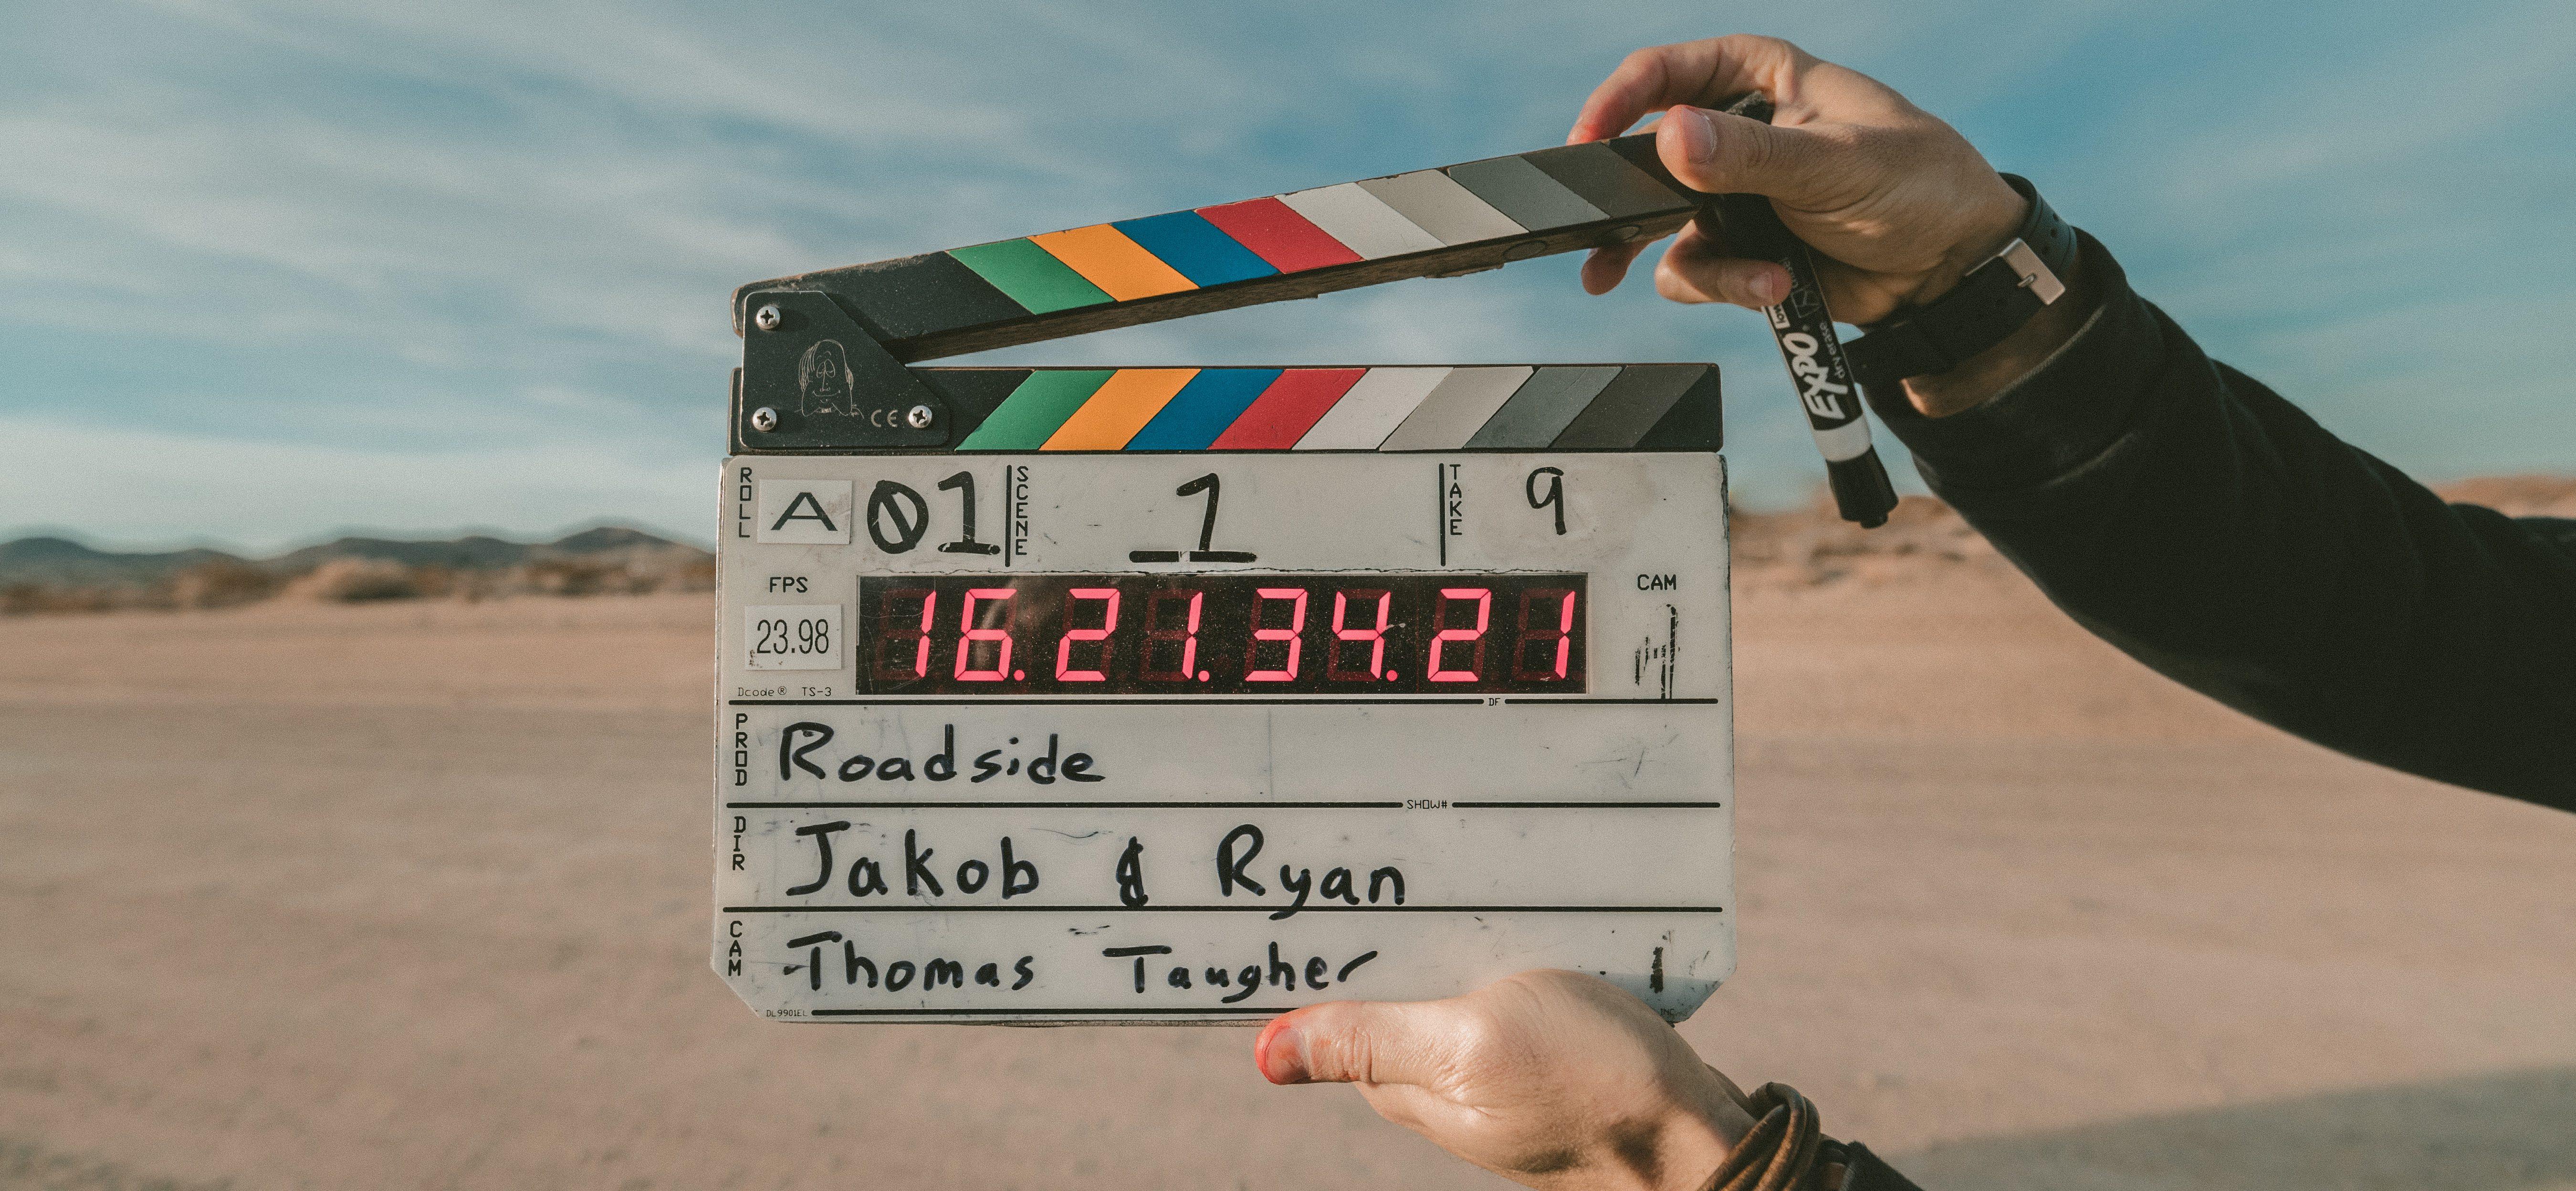 BLOG | 6 tips voor het maken van een promotiefilm zonder budget